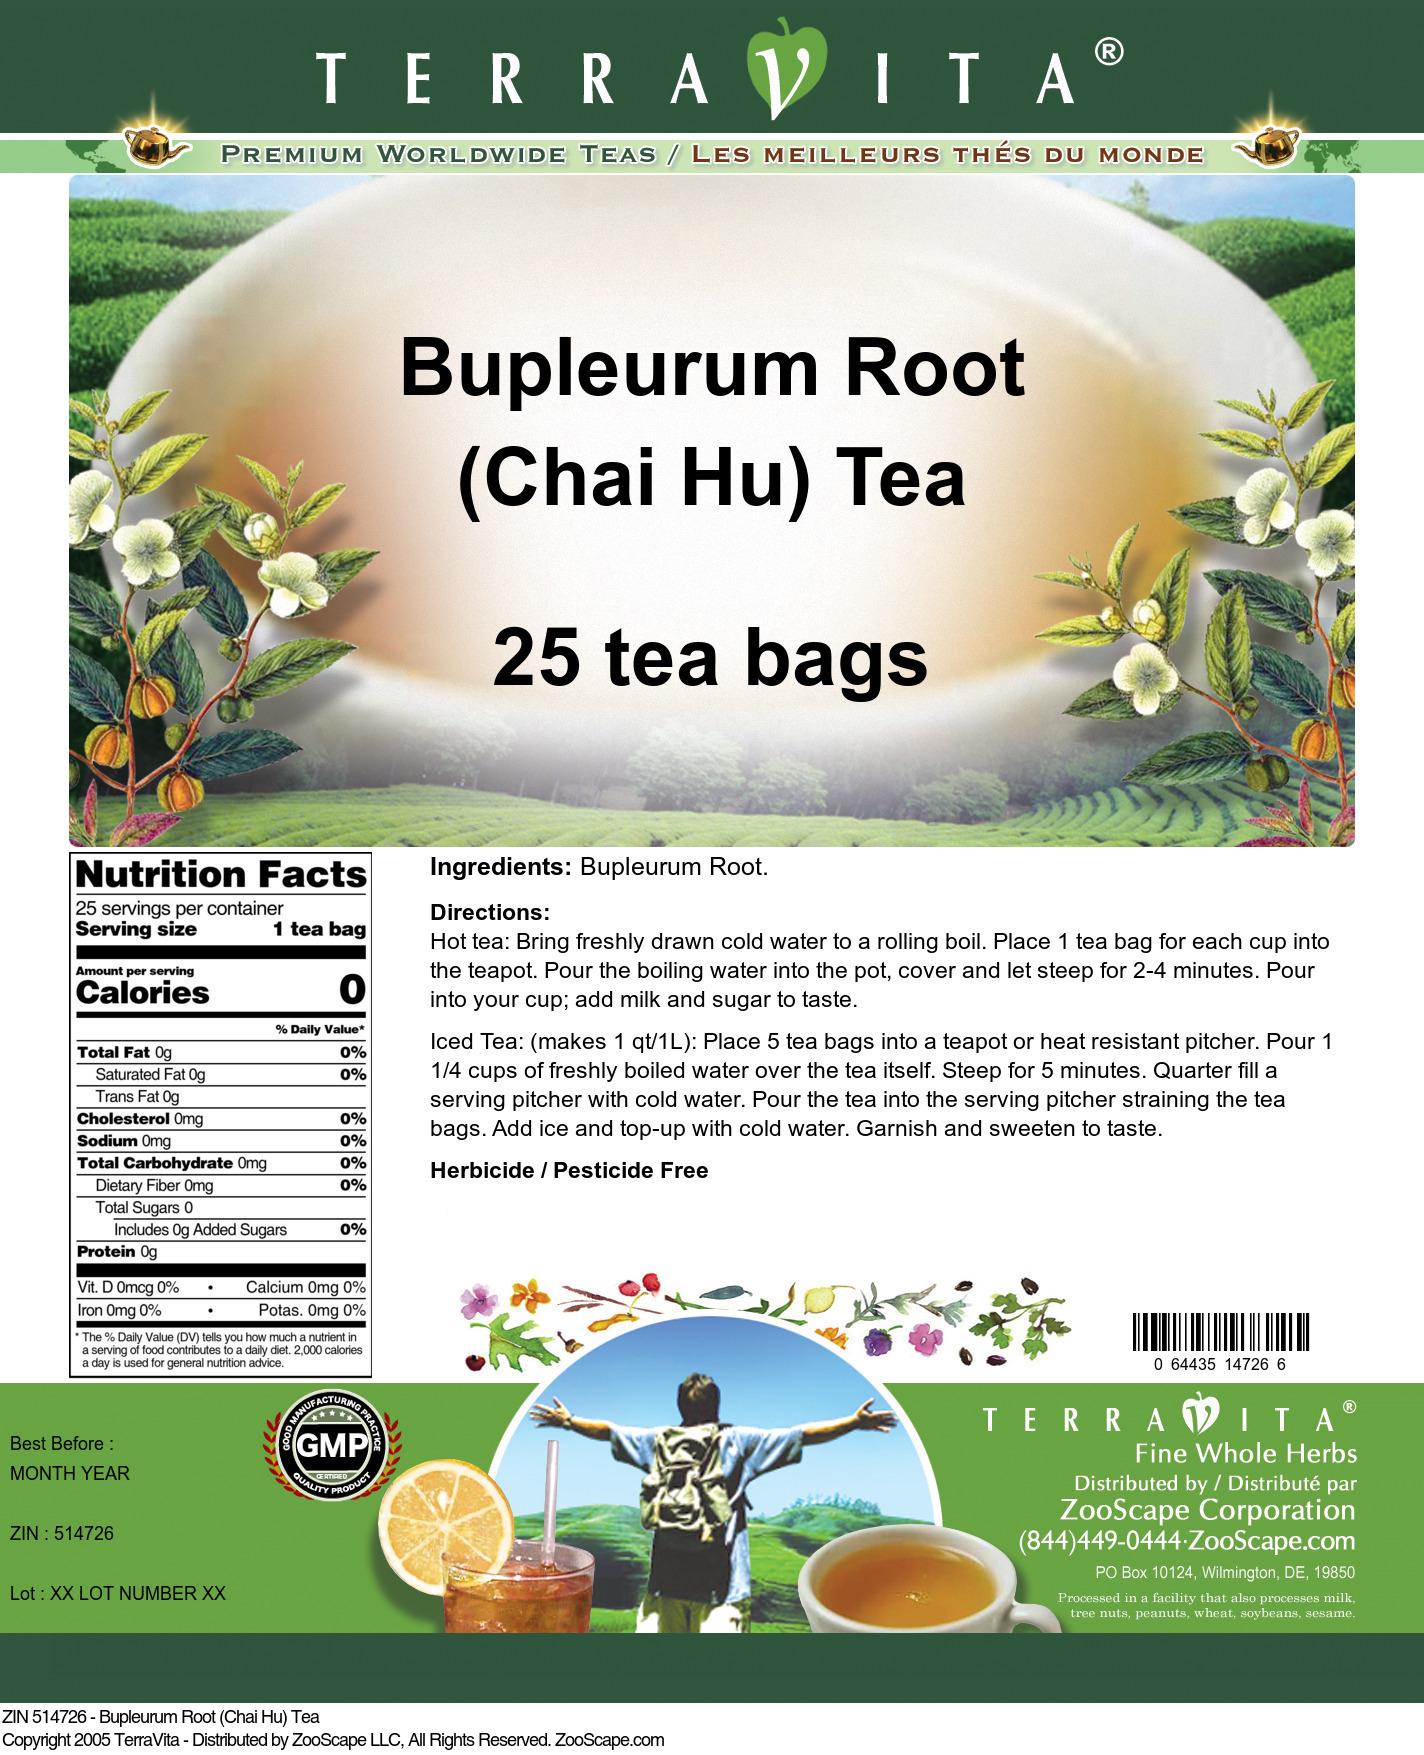 Bupleurum Root (Chai Hu) Tea